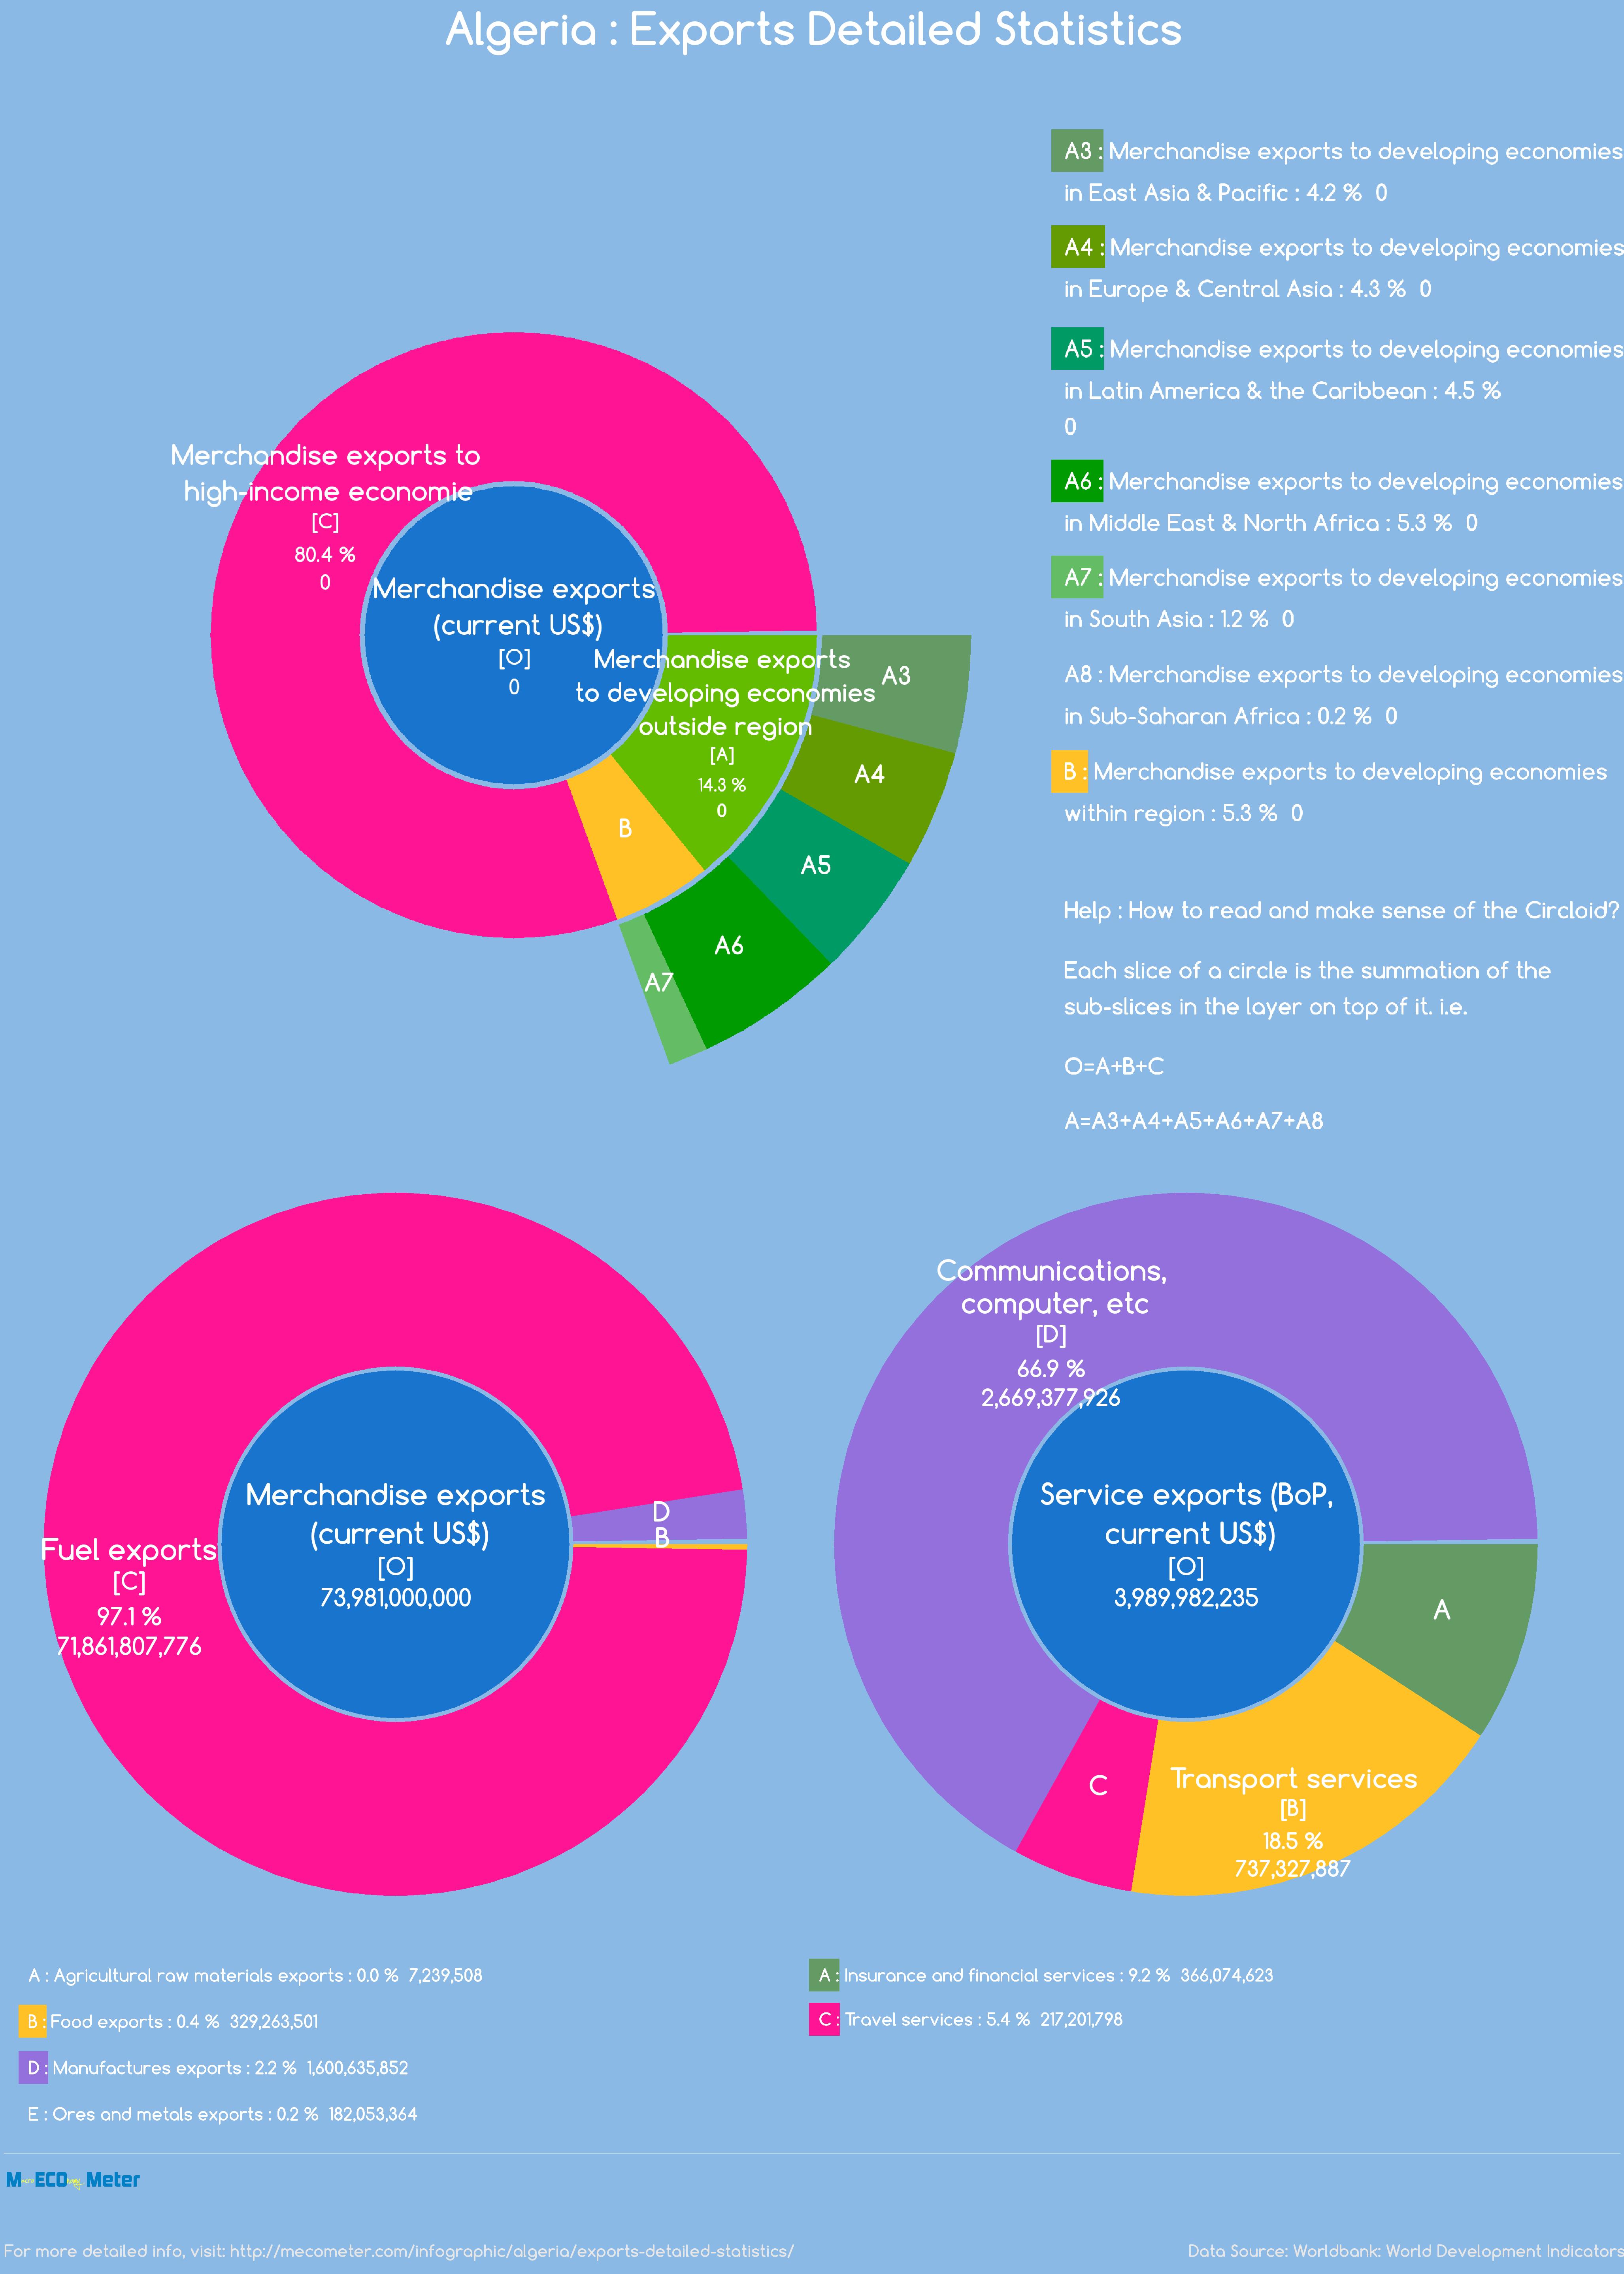 Algeria : Exports Detailed Statistics